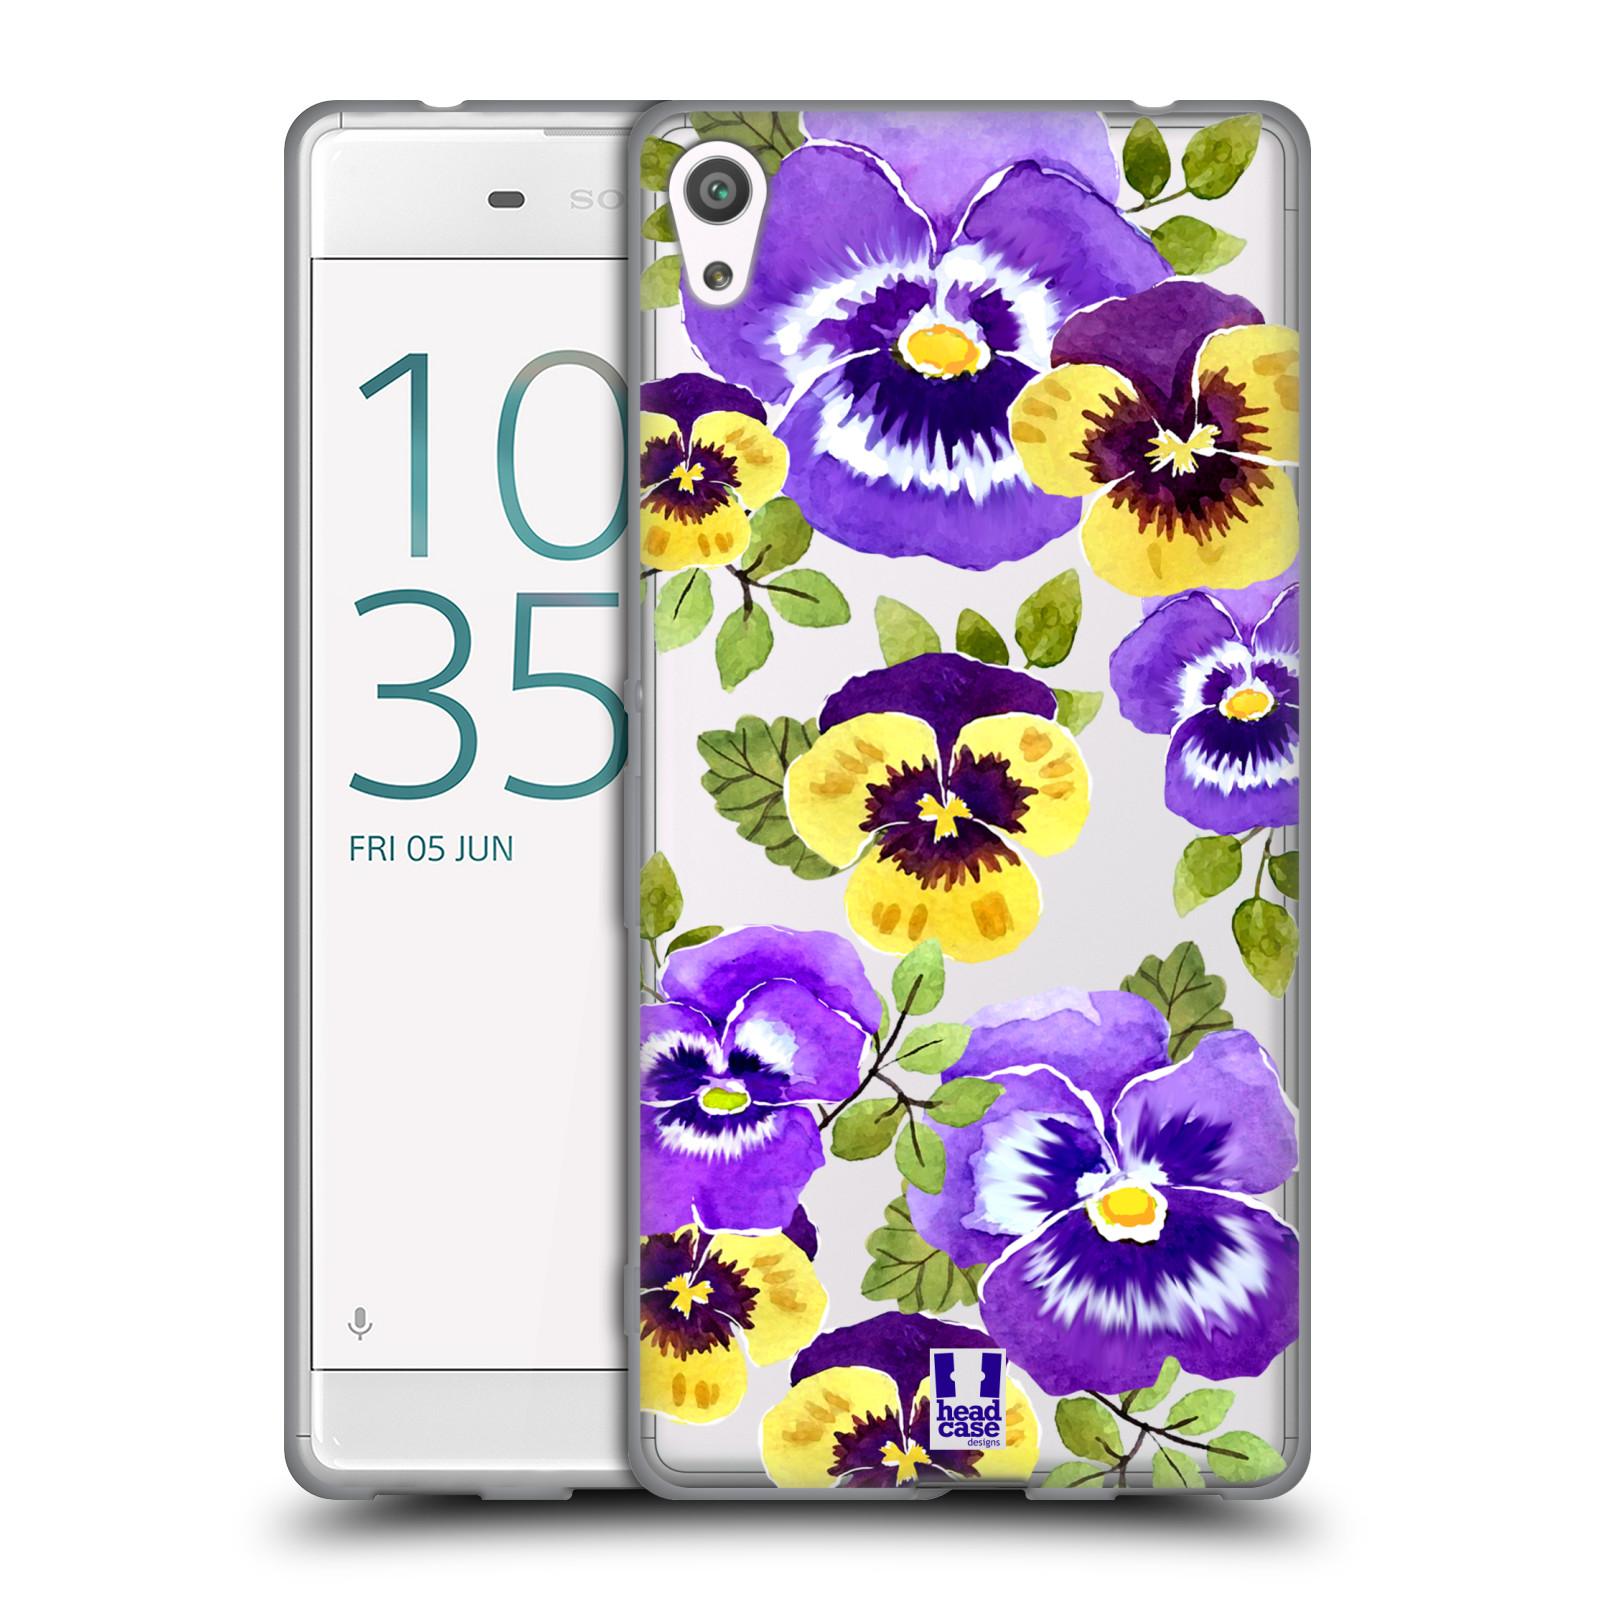 HEAD CASE silikonový obal na mobil Sony Xperia XA ULTRA Maceška fialová barva